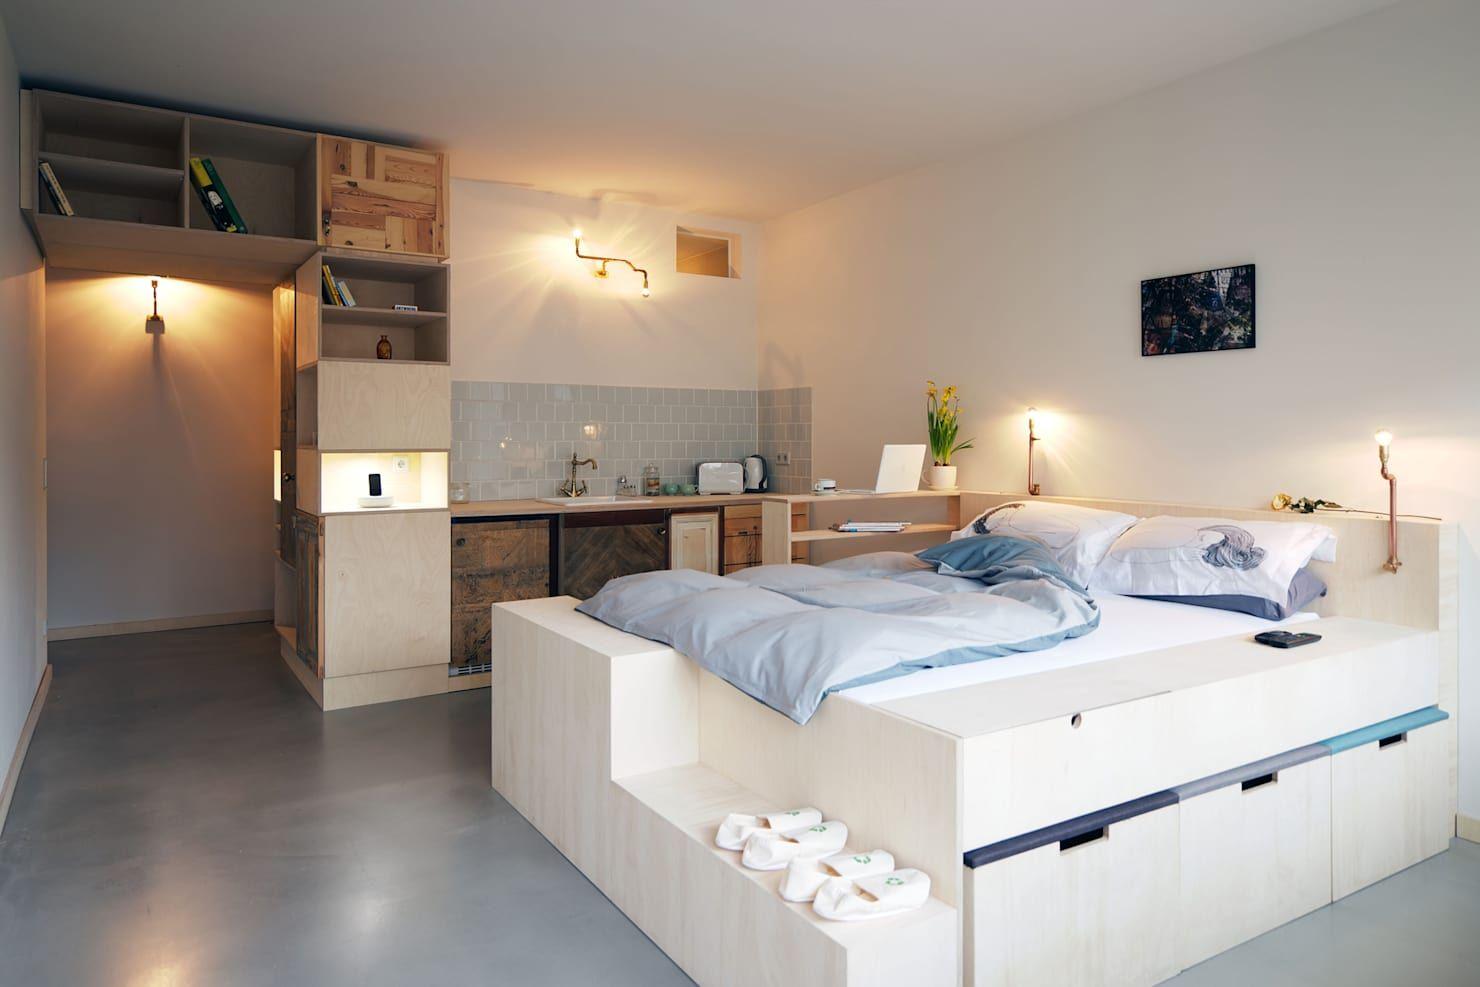 15 Verbluffende Ideen Fur Ein Kleines Schlafzimmer Wohnung